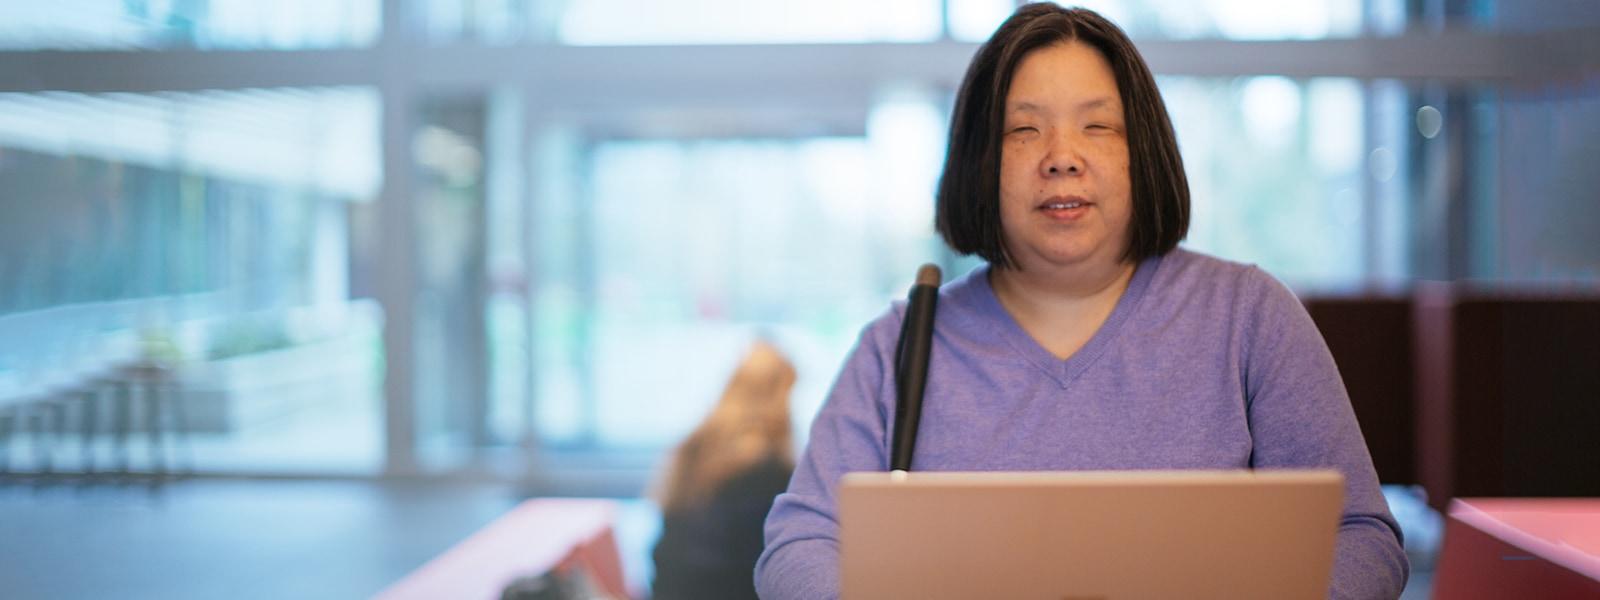 A blind woman using screen reader technology